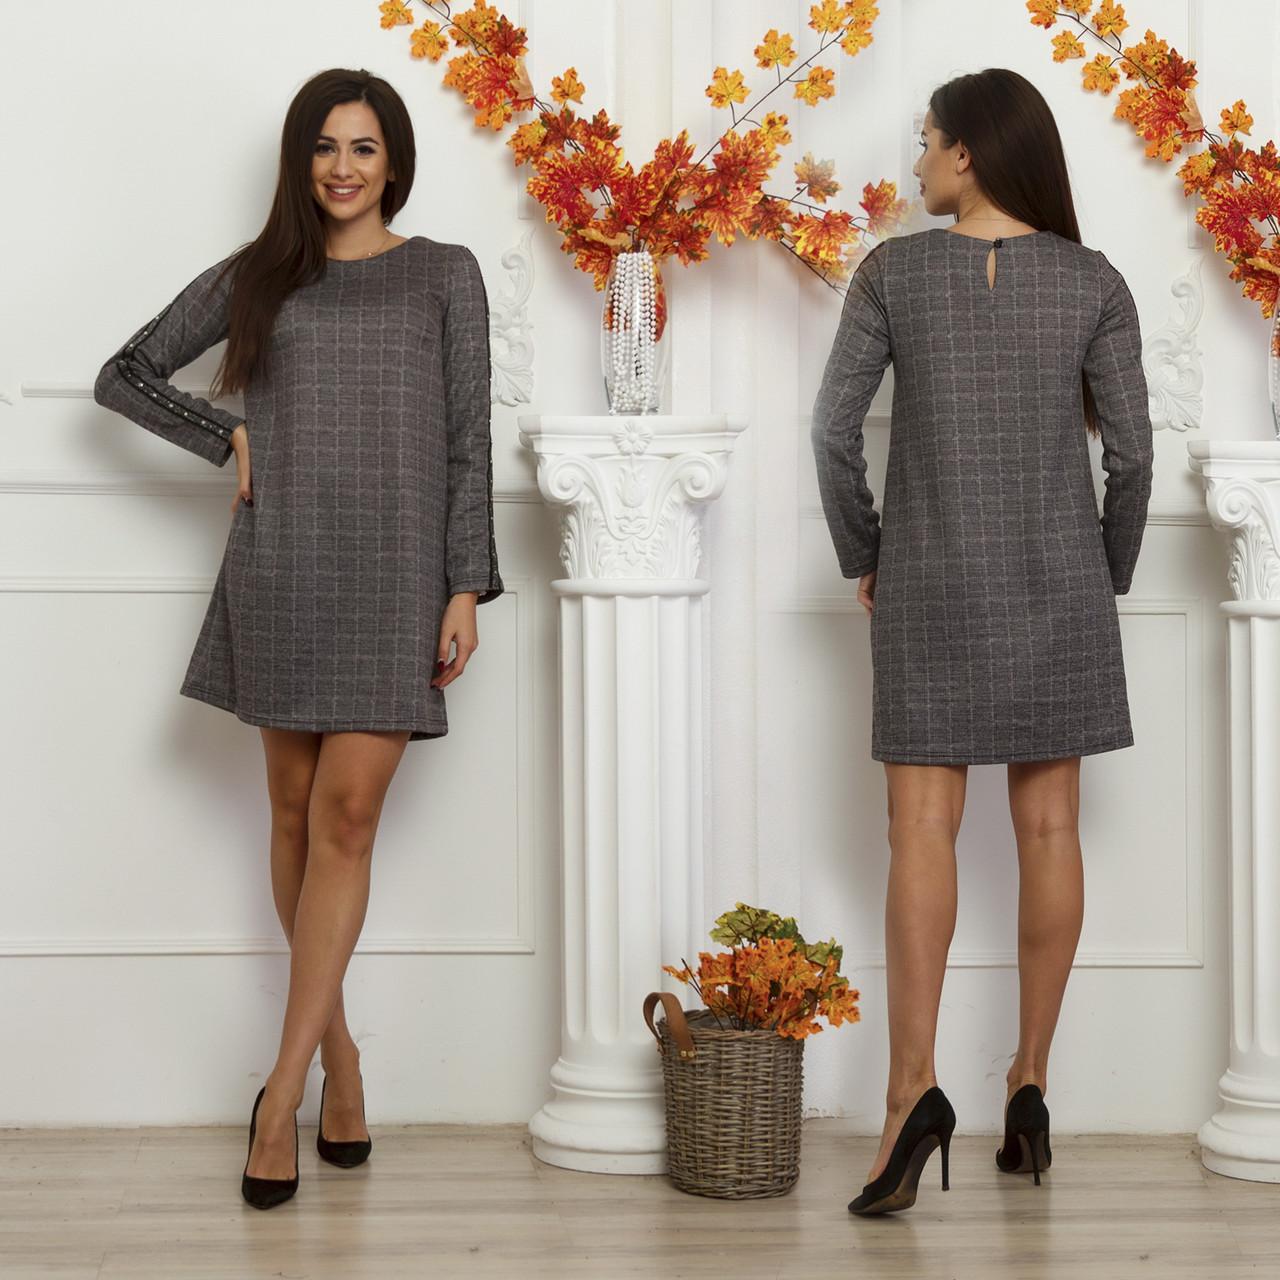 5cf1c0c1d659f Платье женское модное в клетку (S - L) - оптом и в розницу прямые поставки  с 7 км Одесса, цена 275 грн., купить в Одессе — Prom.ua (ID#799080664)